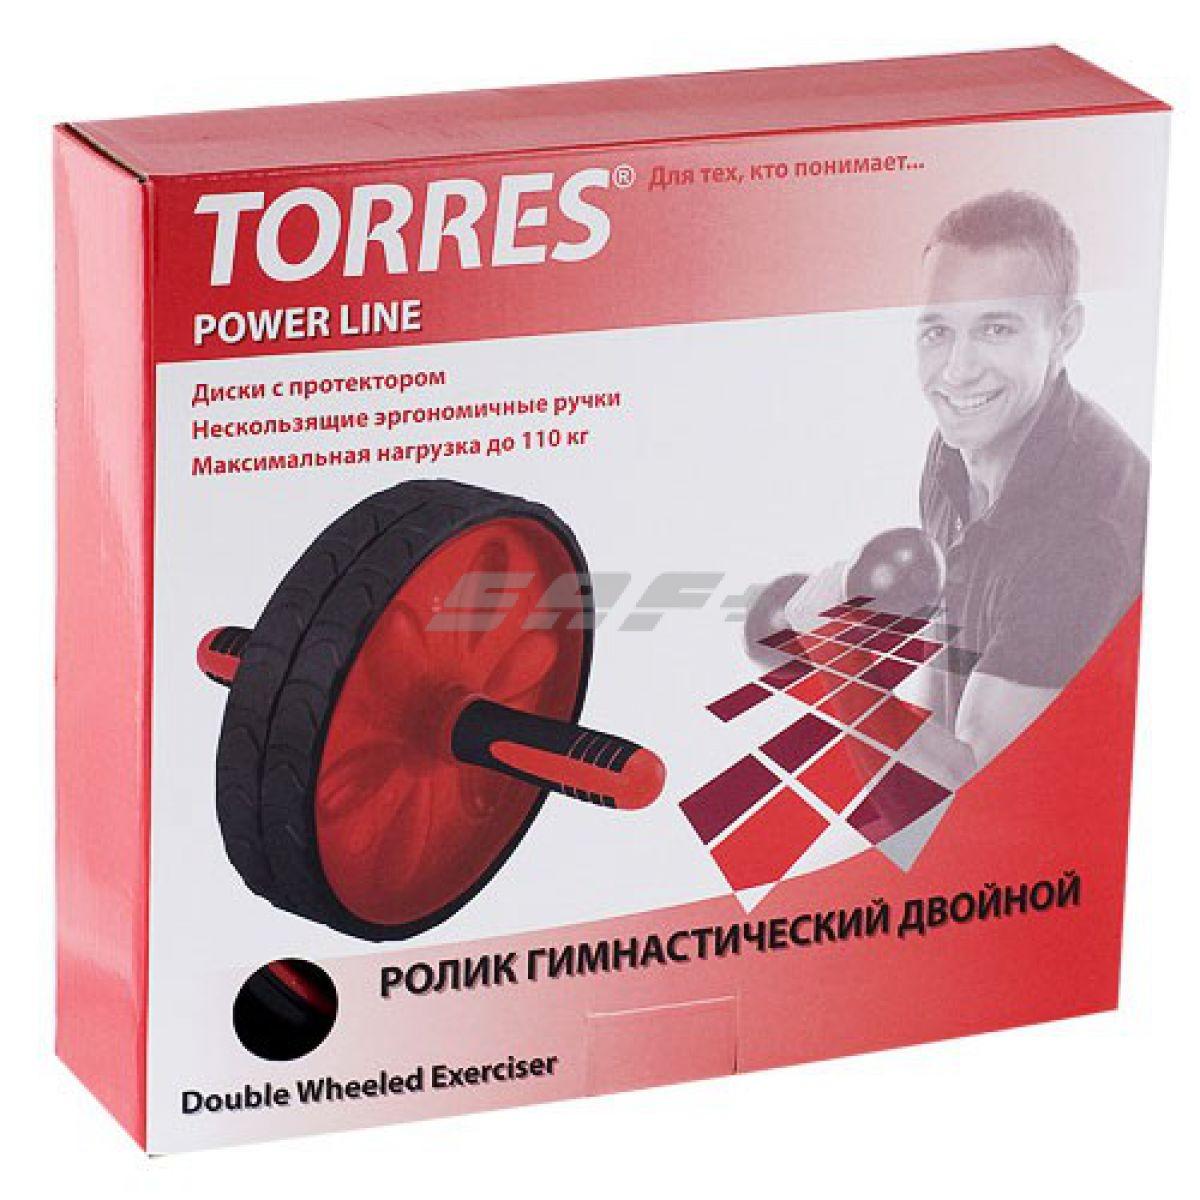 TORRES Ролик гимнастический двойной